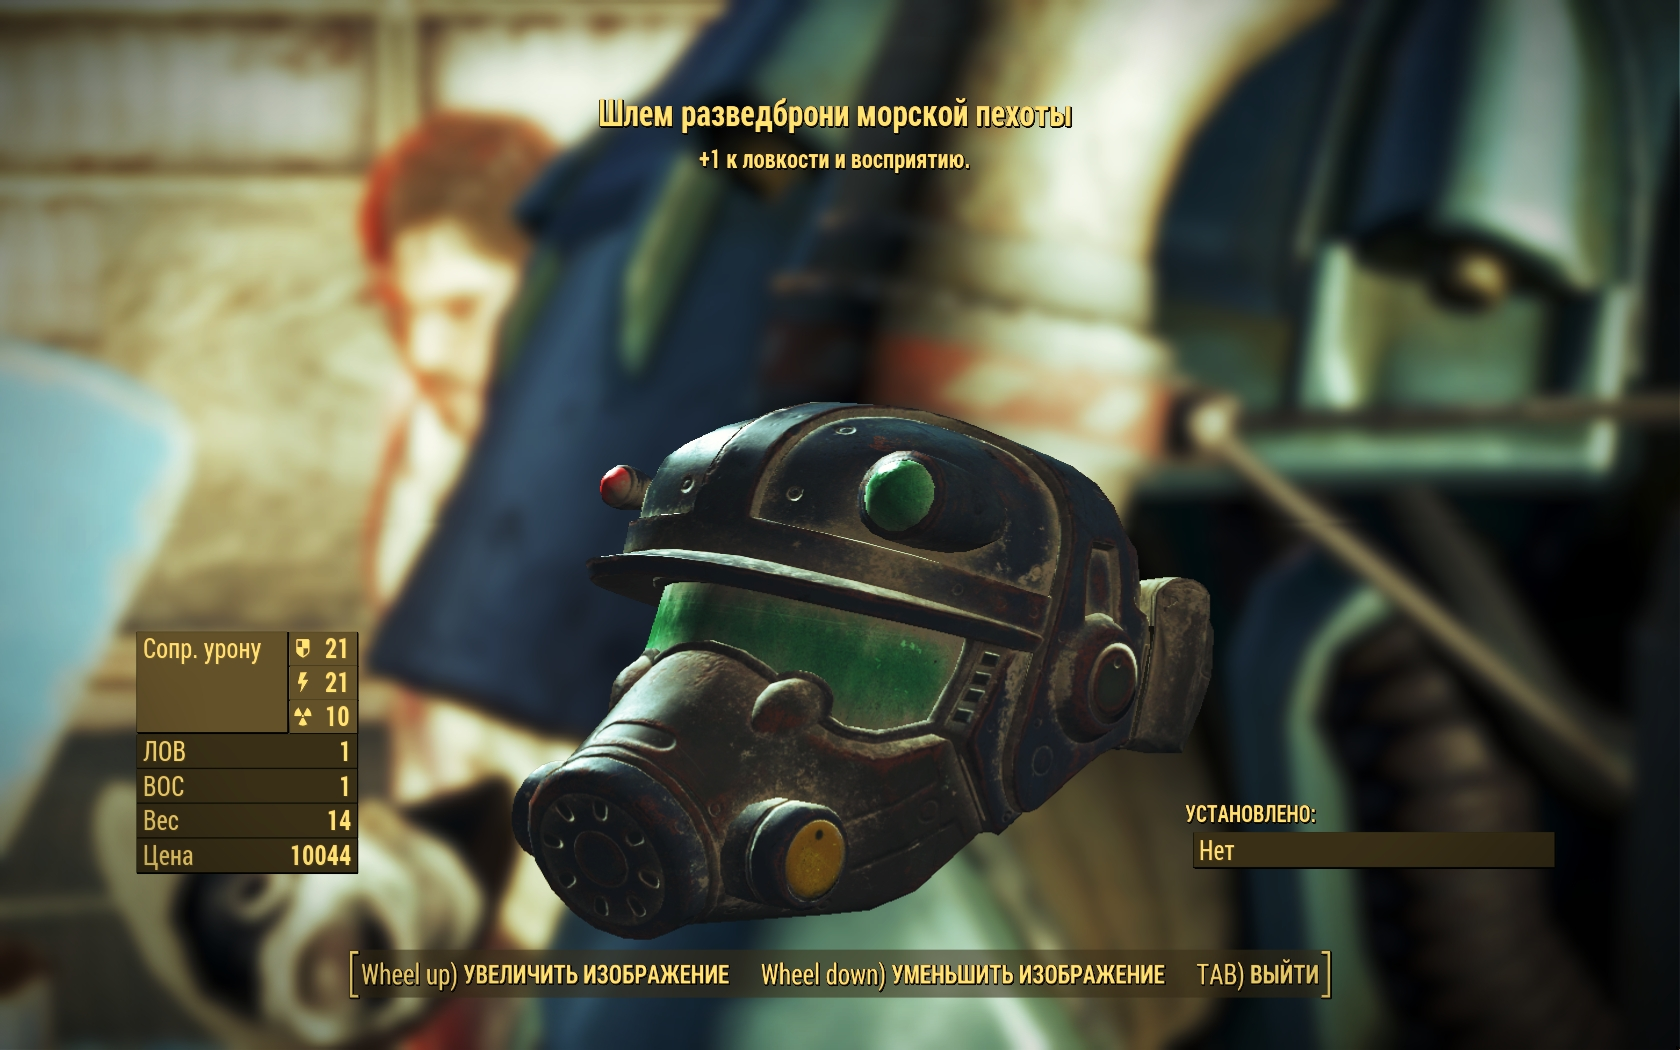 Шлем разведброни морской пехоты (Фар-Харбор) - Fallout 4 морская пехота, Одежда, разведброня